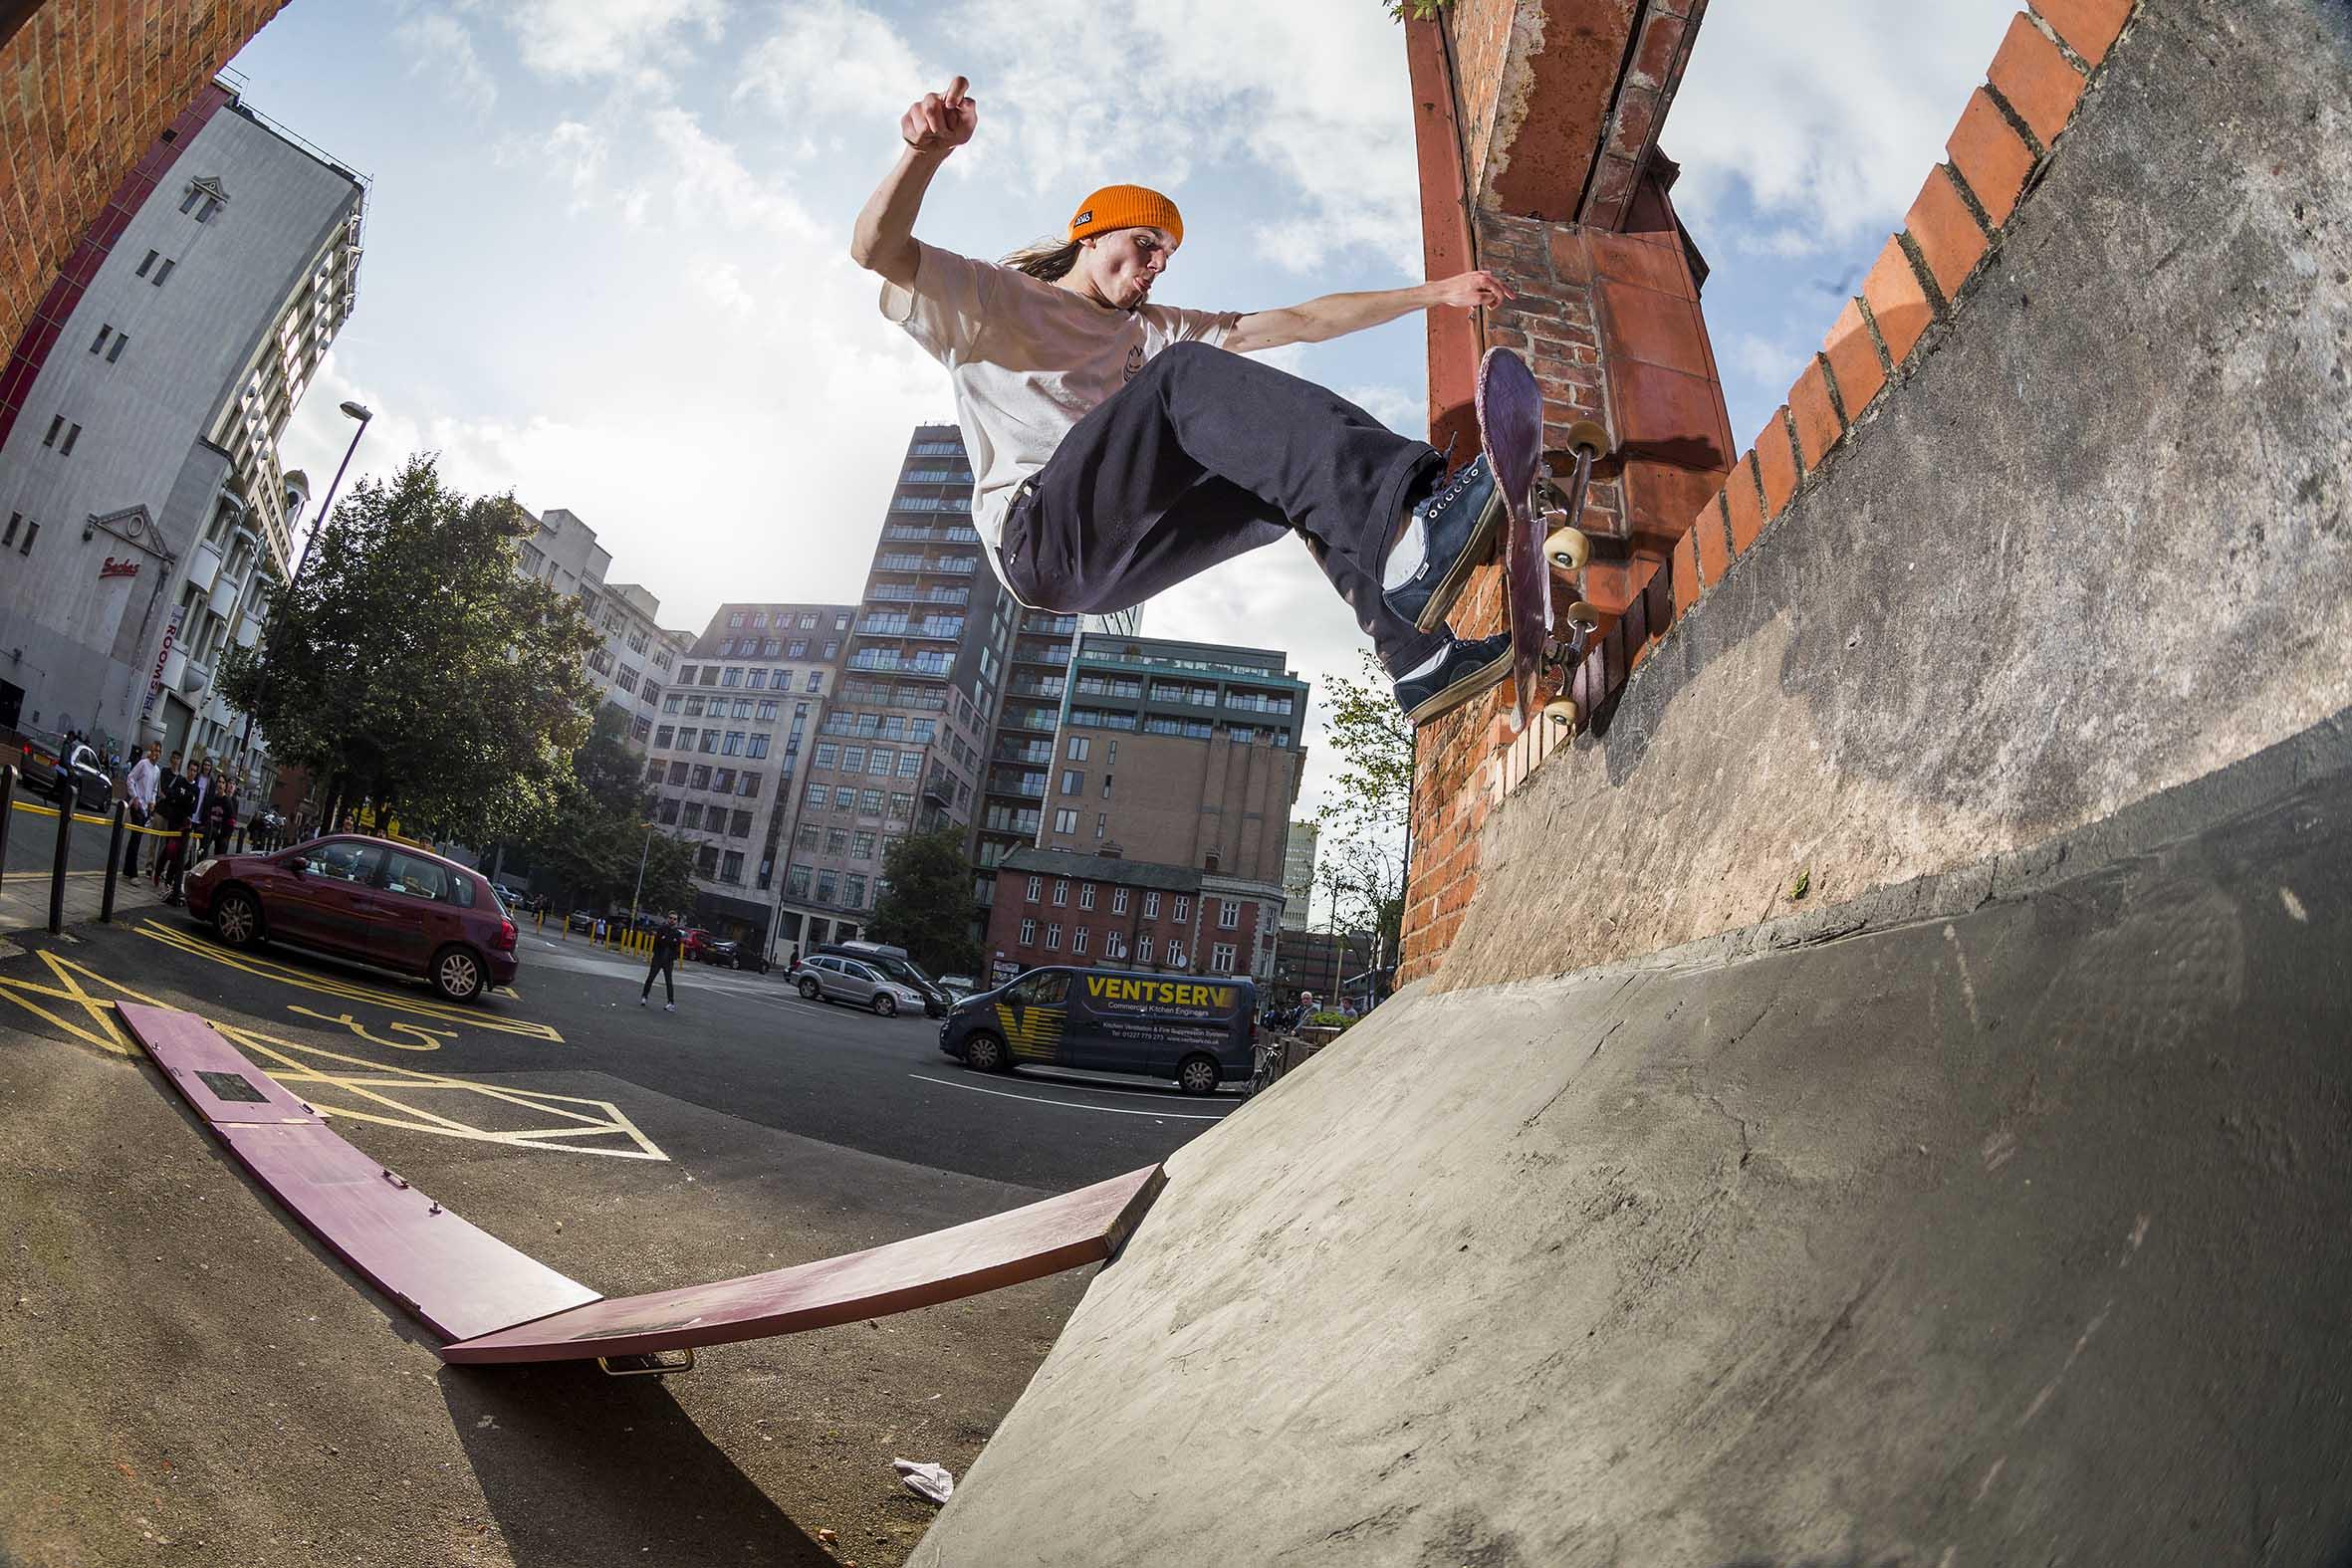 Zach Riley - frontside pivot